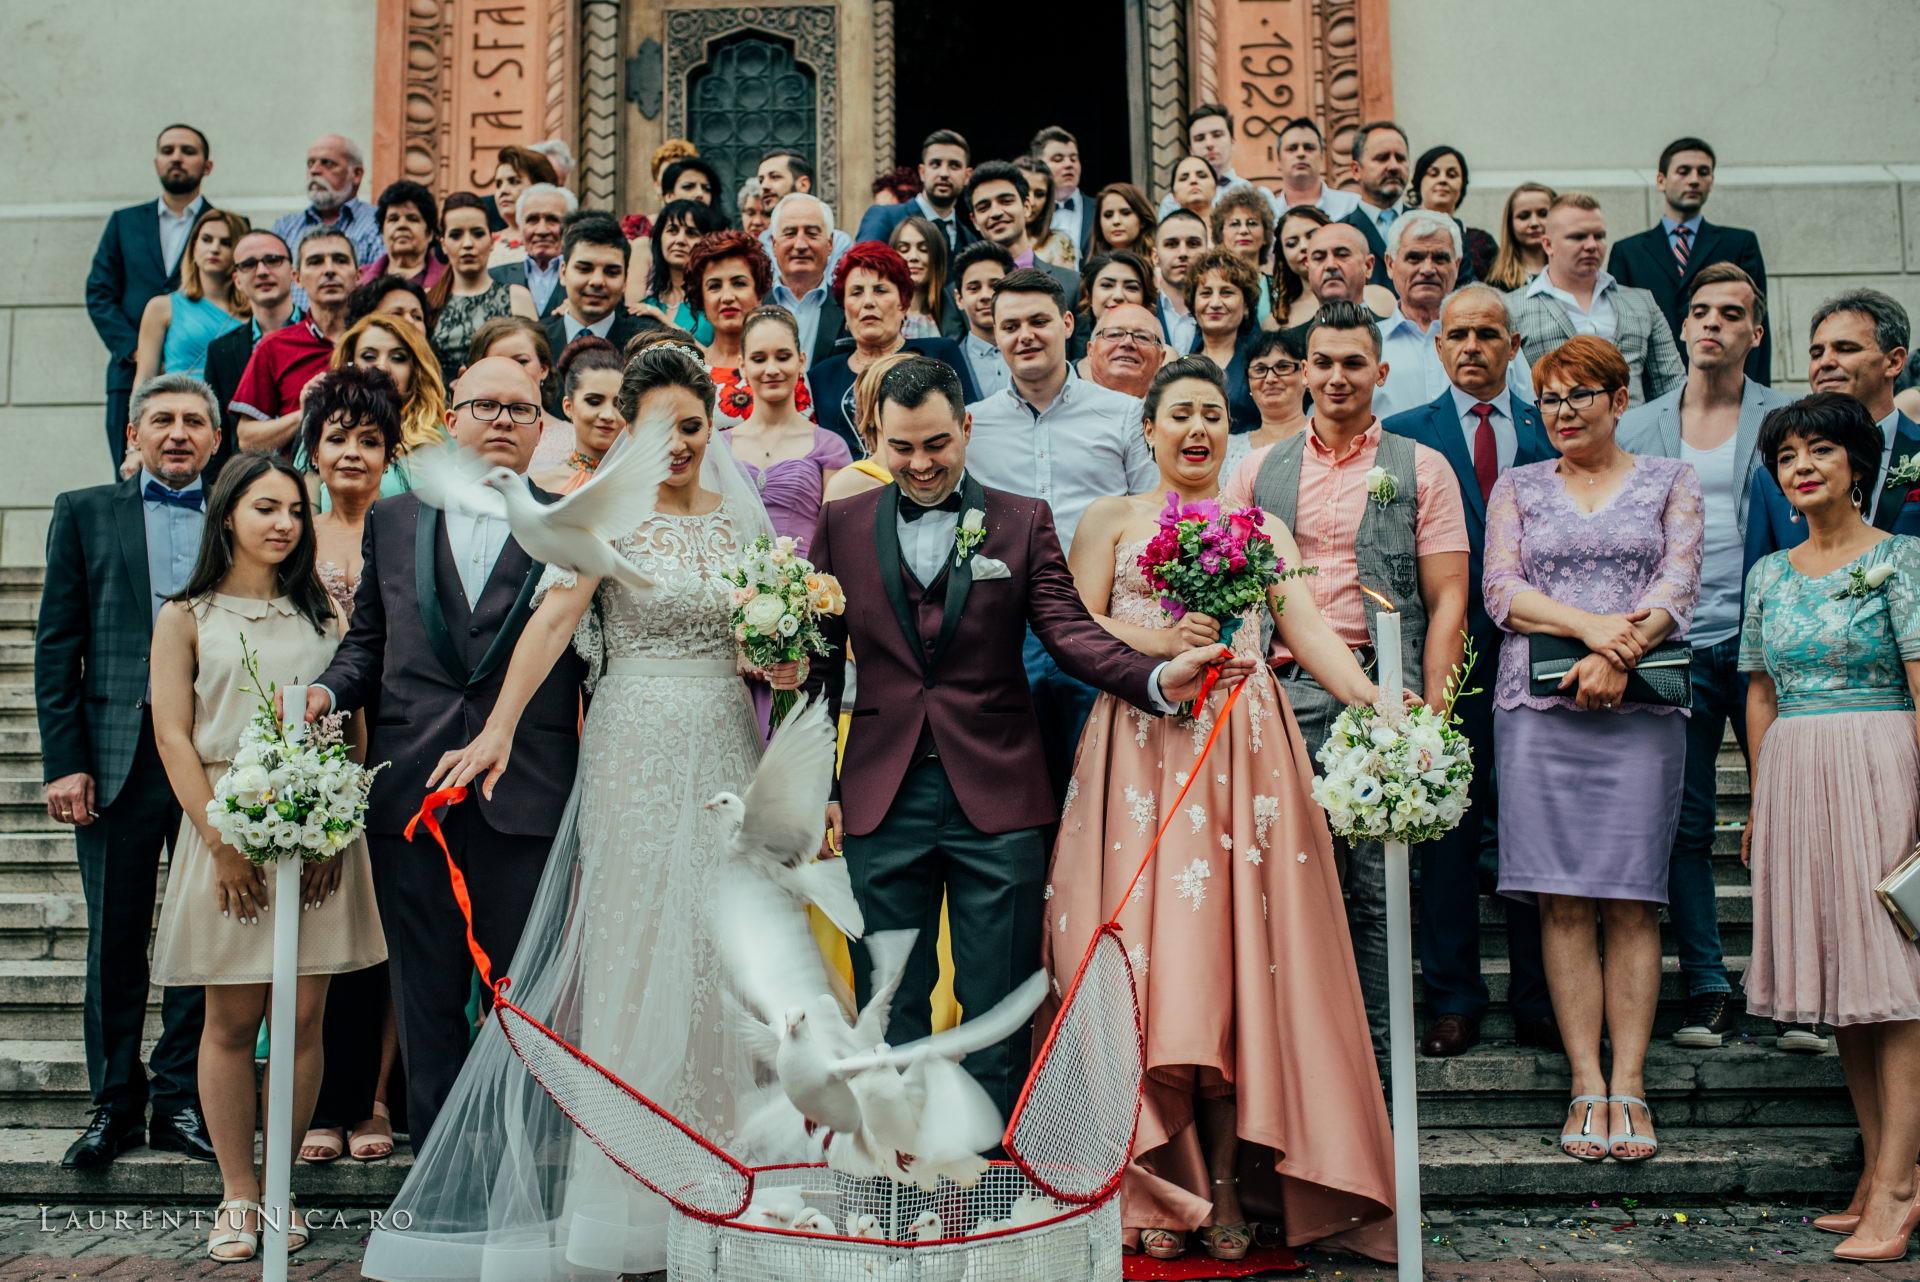 denisa si catalin fotograf nunta laurentiu nica craiova 58 - Denisa si Catalin | Fotografii nunta | Craiova